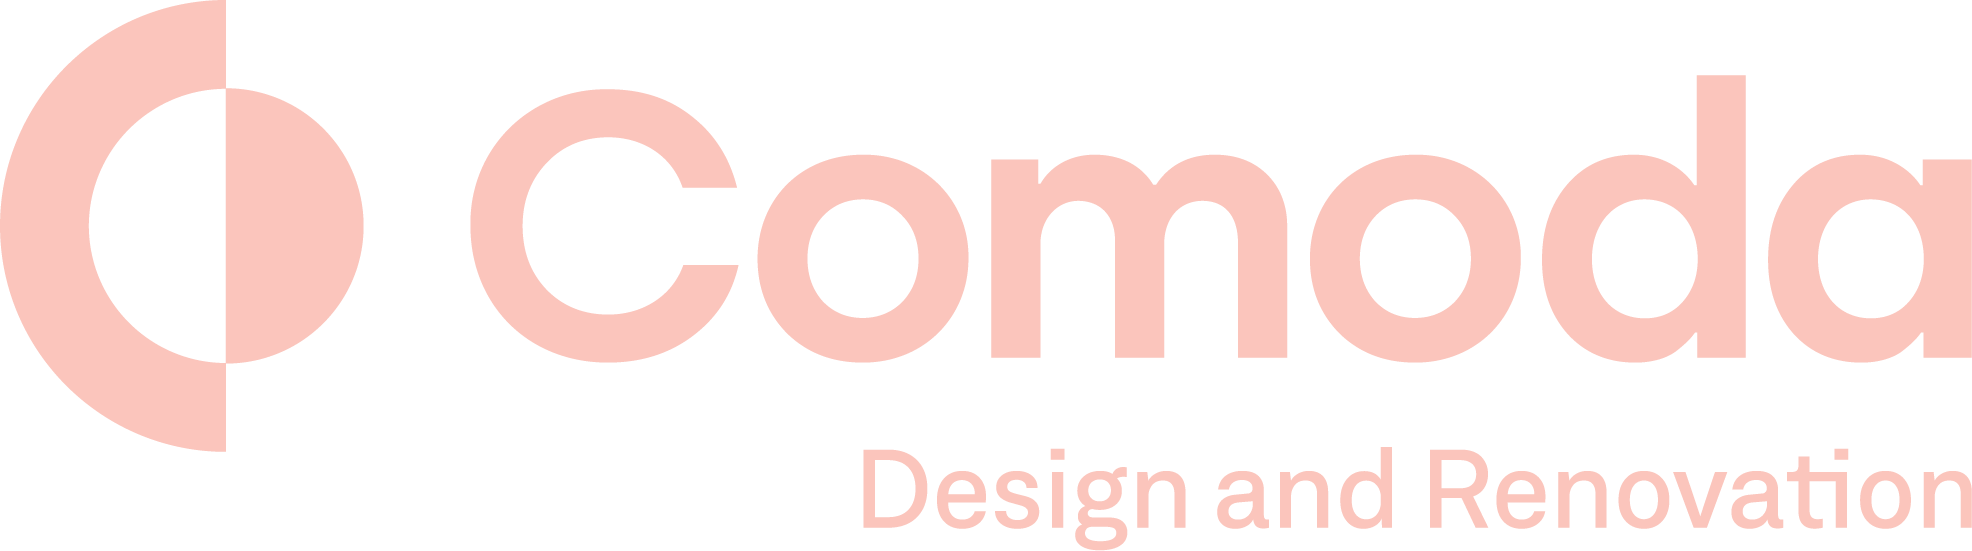 Comoda - Design and Construction company in Brisbane